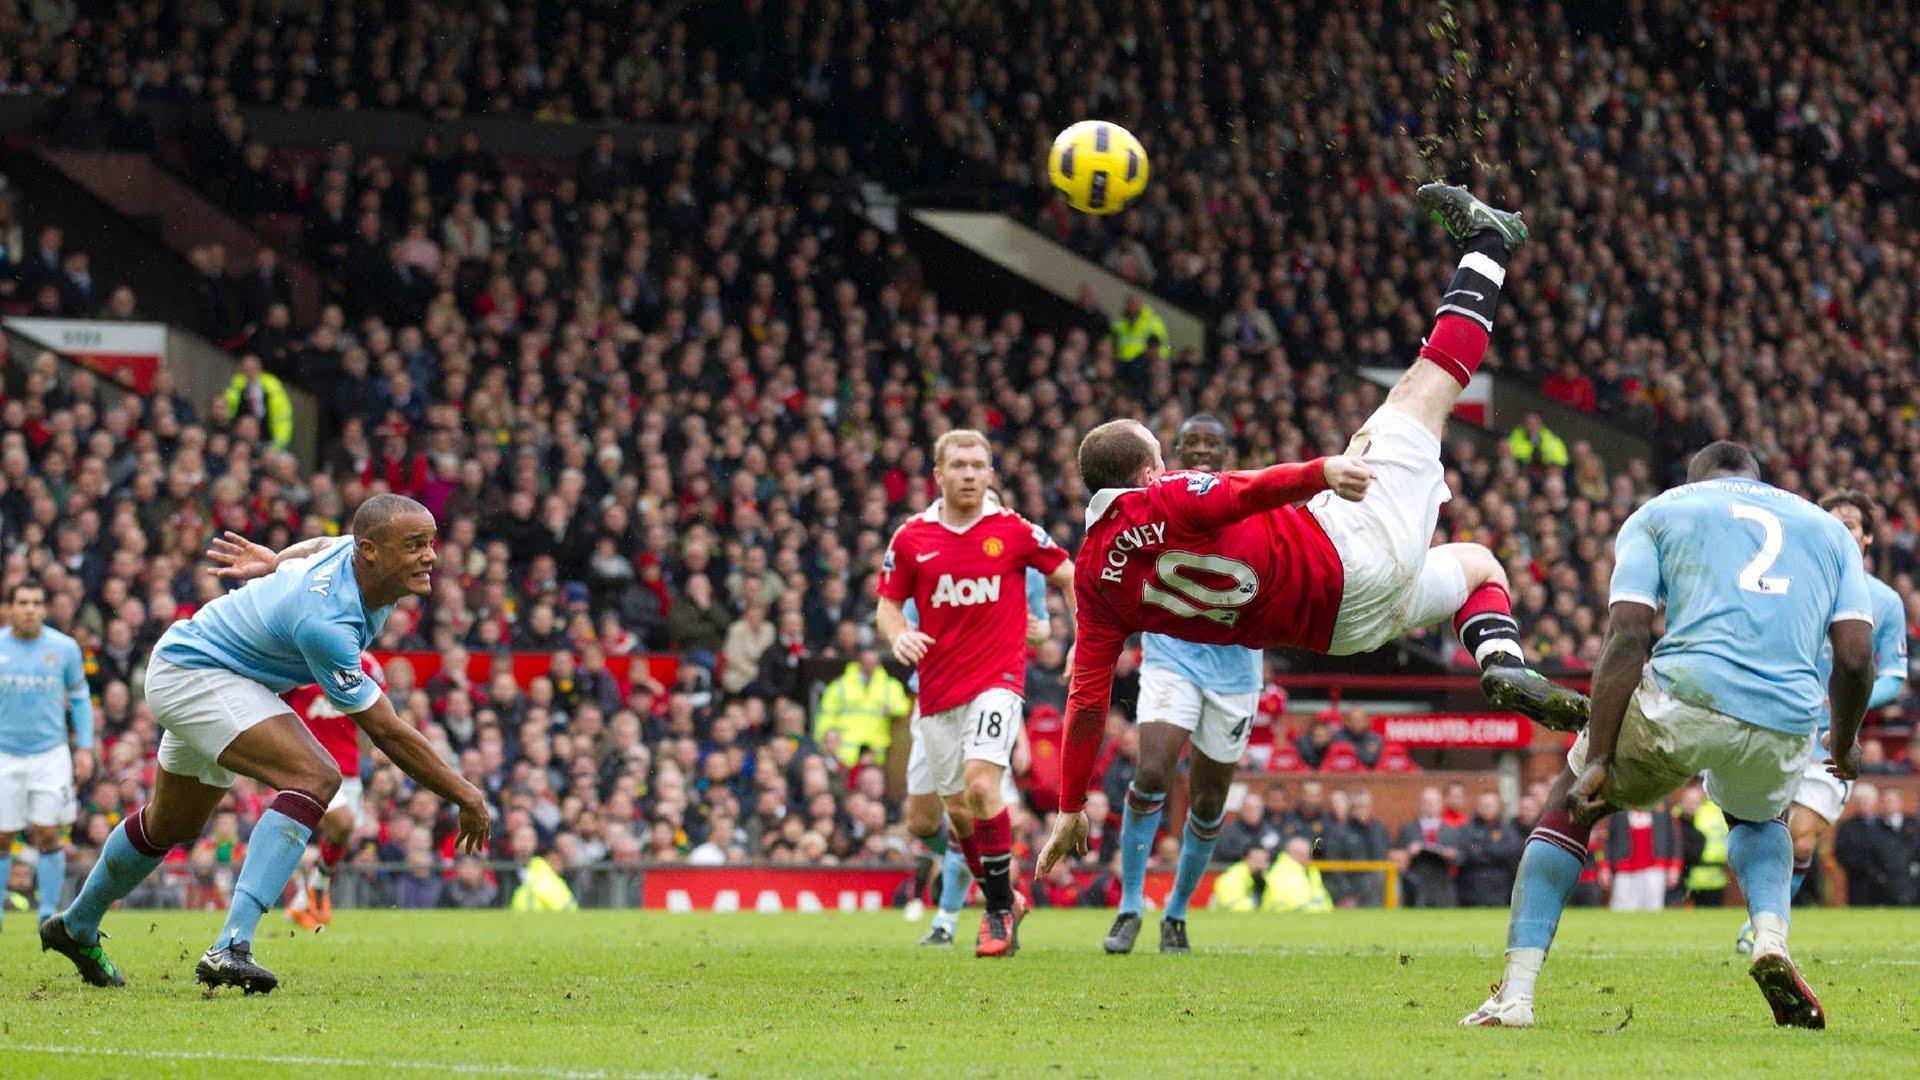 """Pha """"ngả bàn đèn"""" tuyệt phẩm của Rooney ở derby Manchester"""